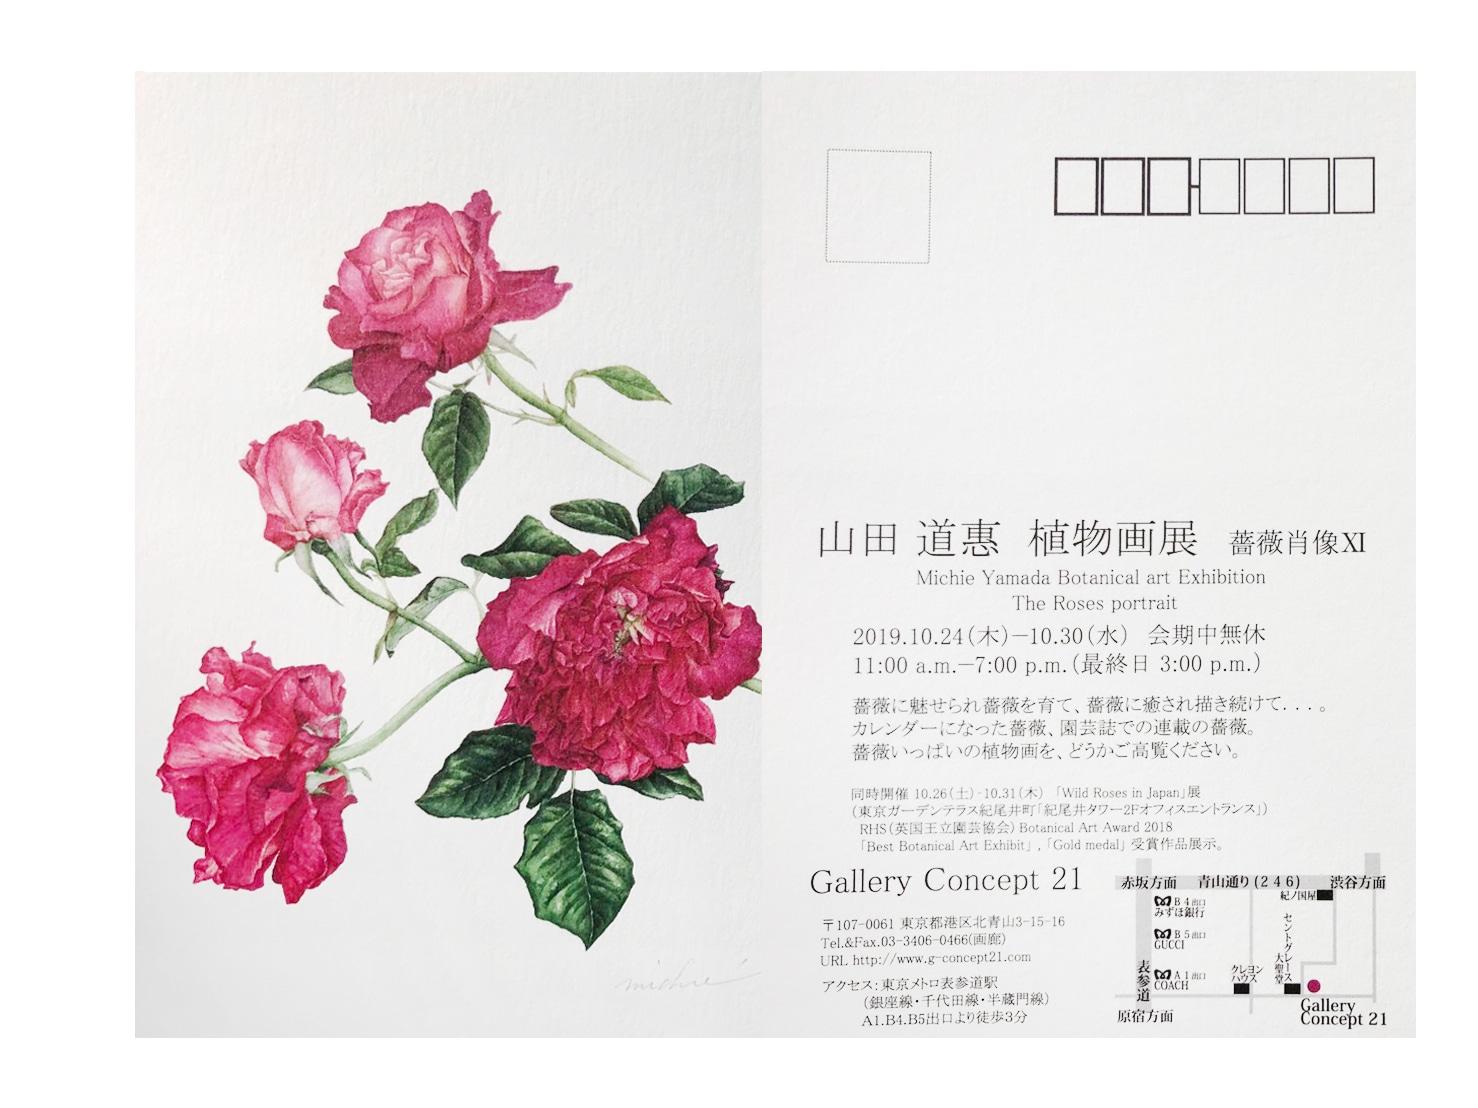 フロンティア 山田道恵 植物画展 薔薇肖像Ⅺ